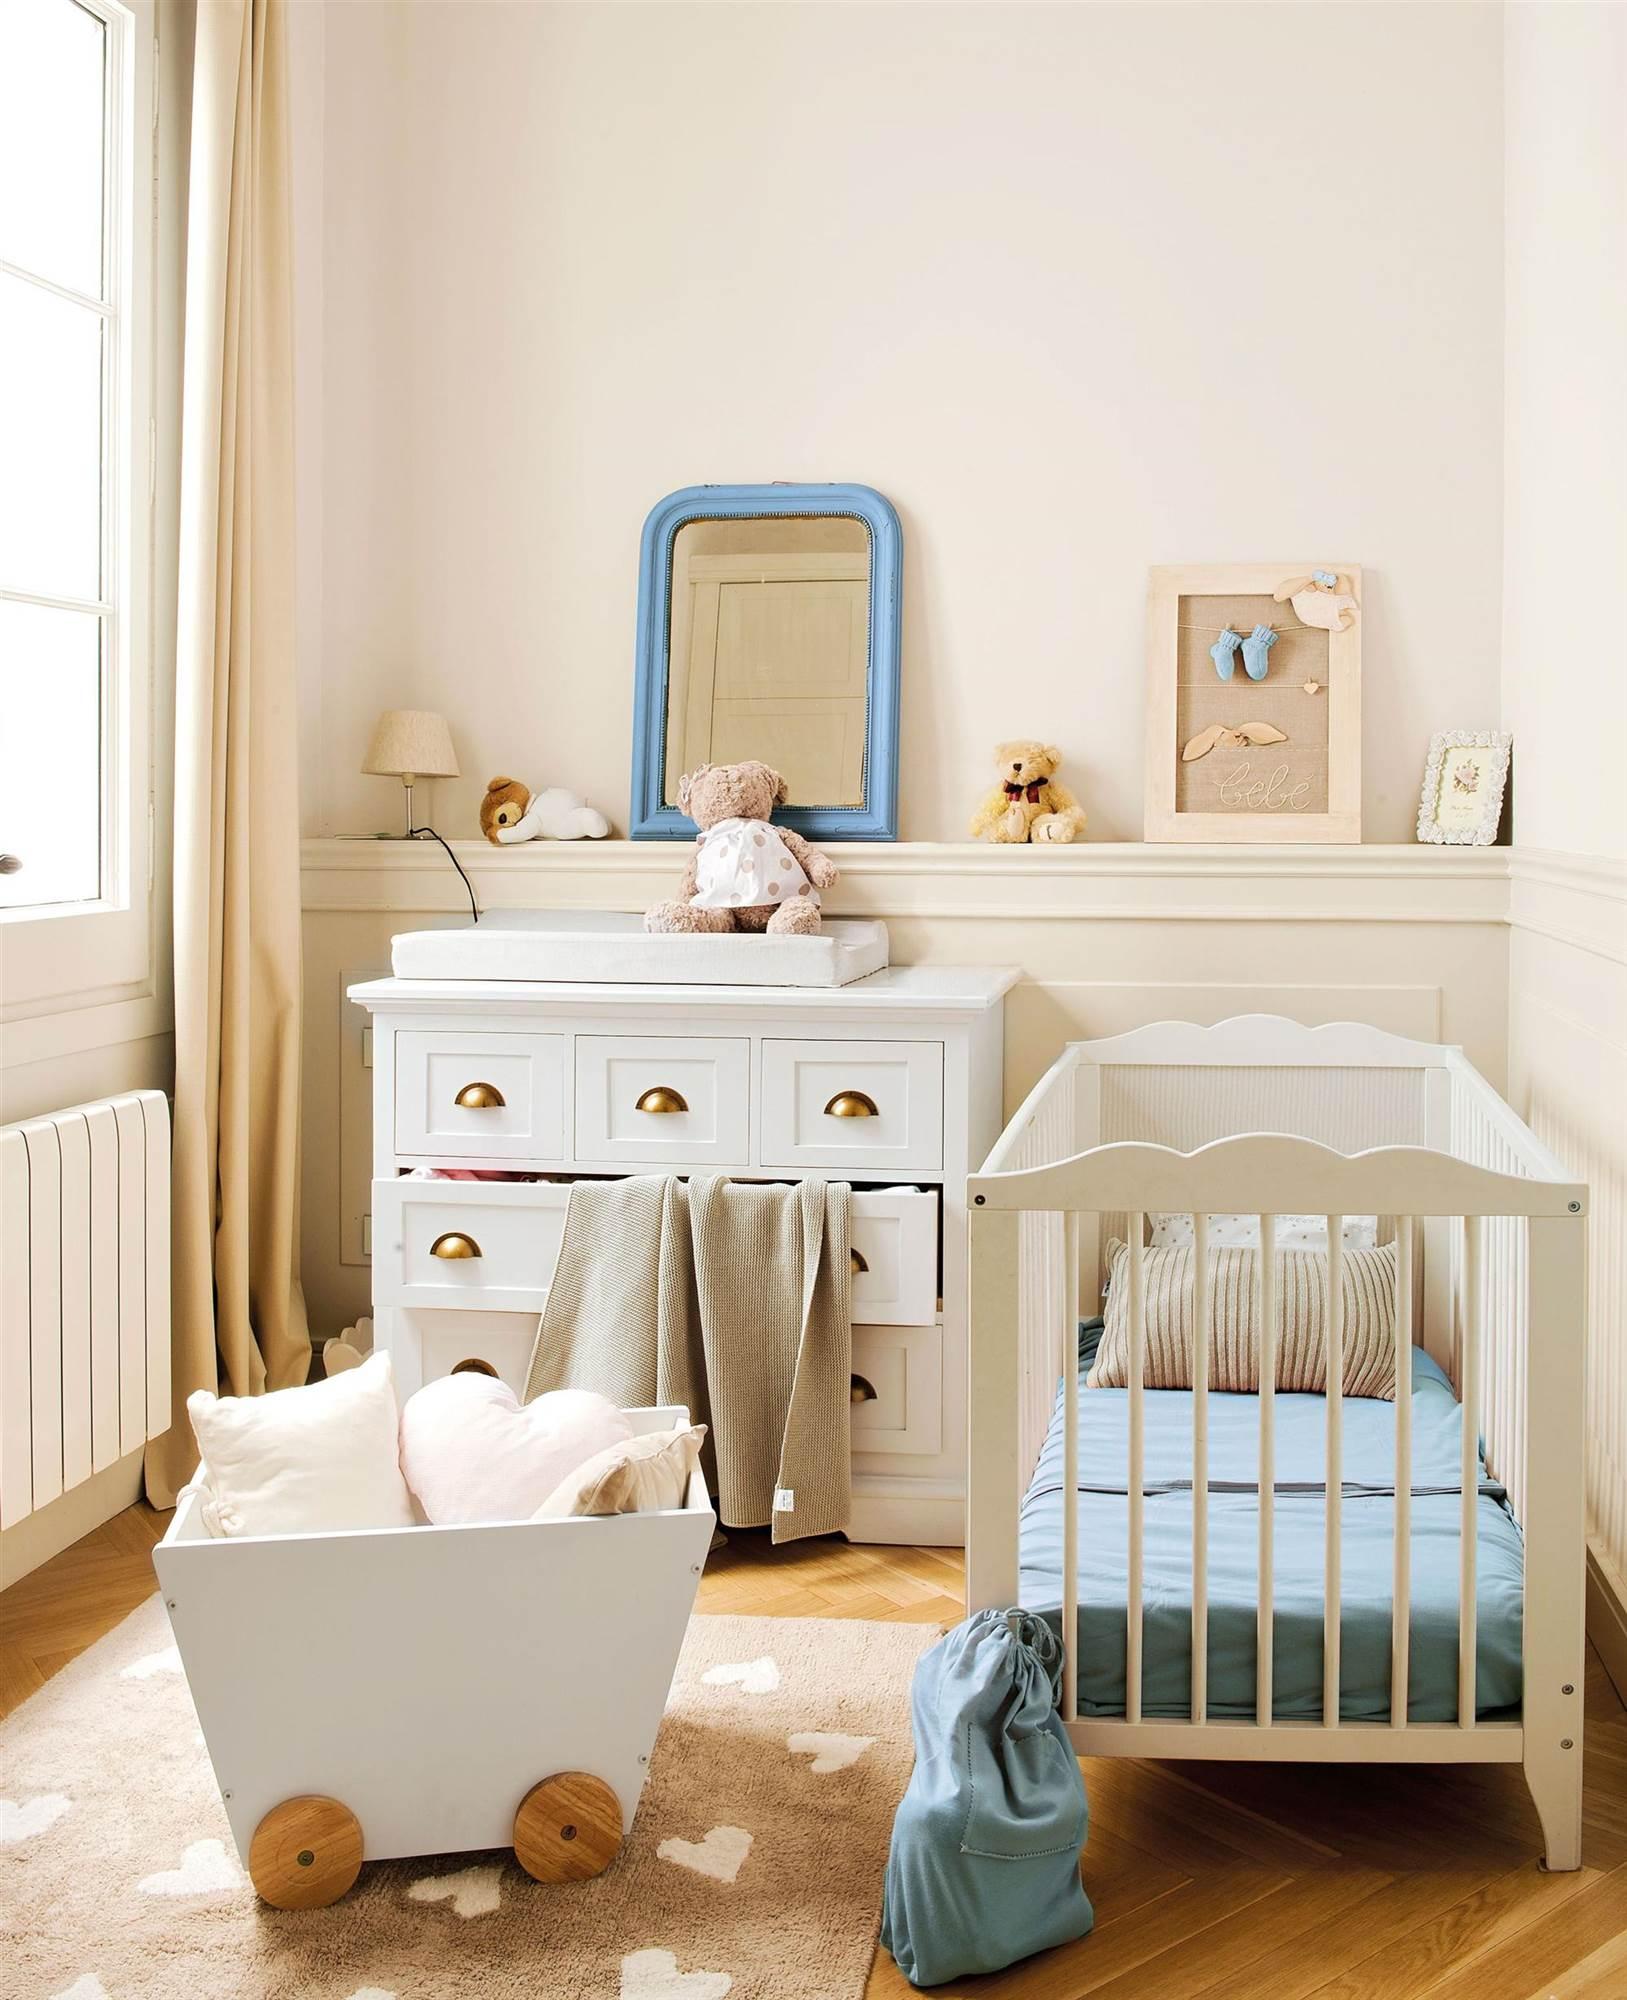 детская для новорожденного мальчика